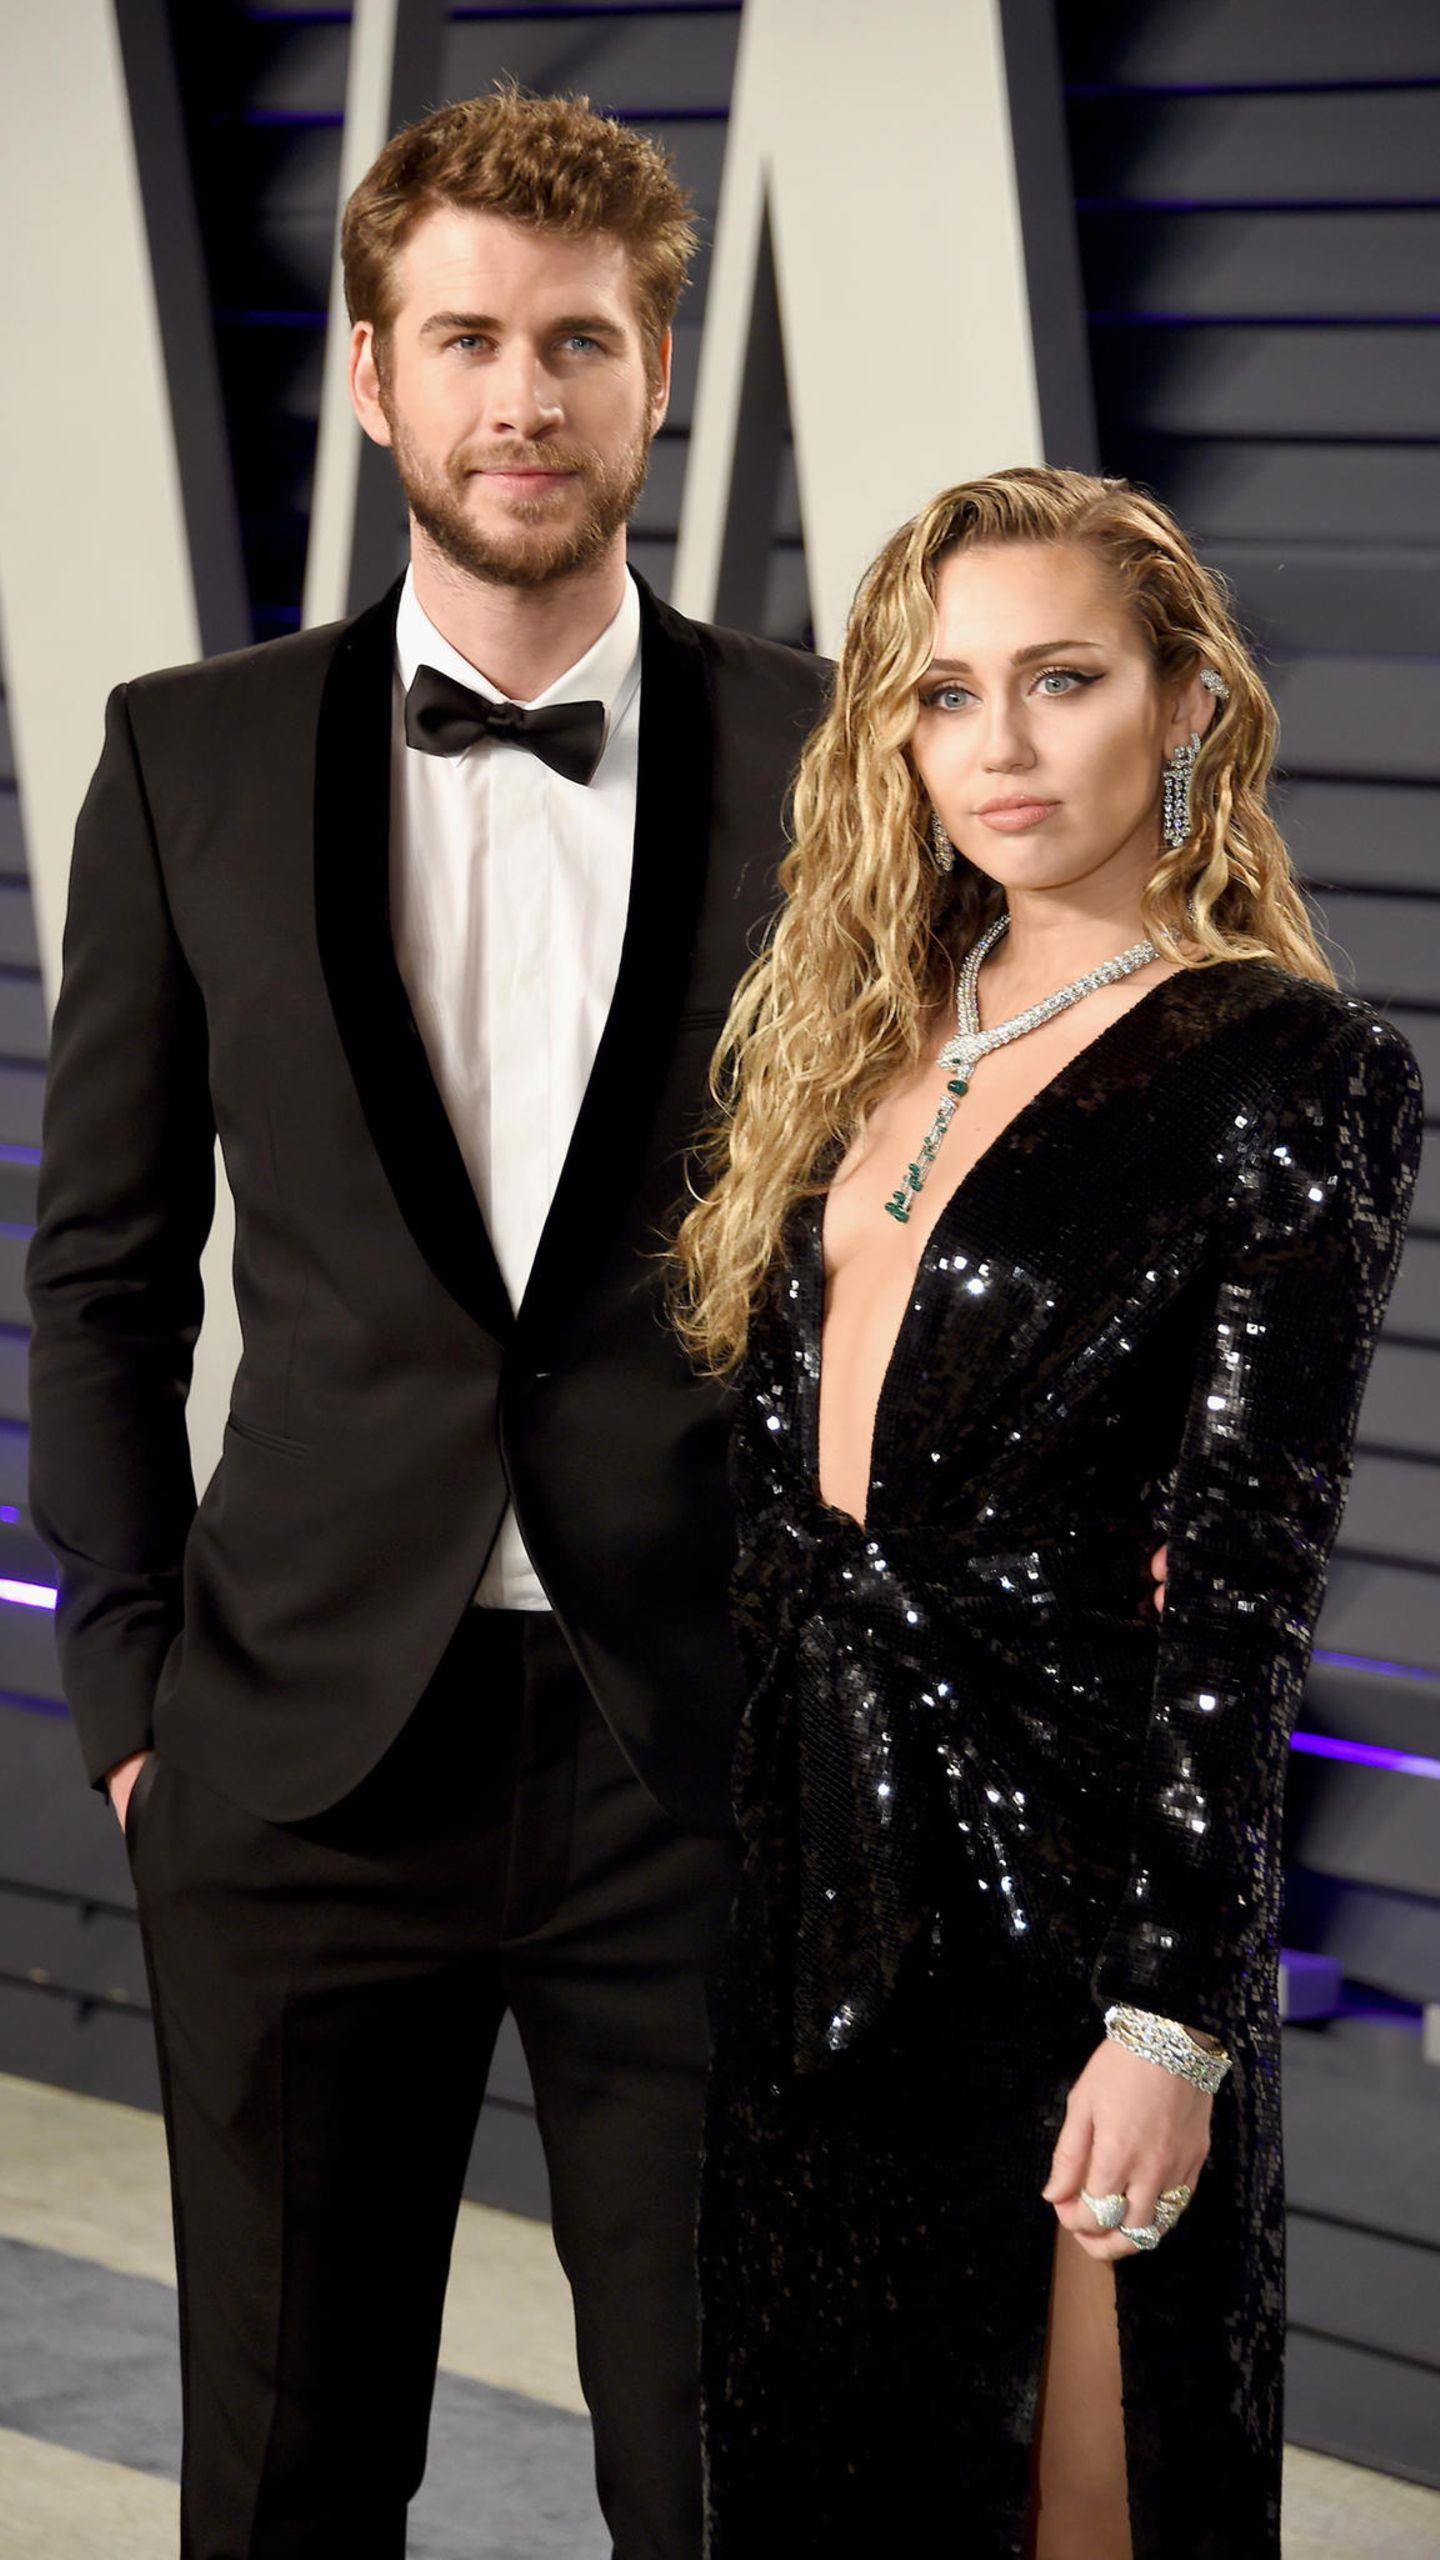 """Liam Hemsworth + Miley Cyrus  Als sie für """"Mit dir an meiner Seite"""" vor der Kamera stehen, verlieben sich Liam und Miley ineinander und geben 2009 ihre Beziehung bekannt. Danach folgen einige Ups and Downs - darunter auch eine Trennung. Amabsoluten Höhepunkt kommen sie im Dezember 2018 an. In einer familiären Zeremonie geben sie sich das Jawort."""